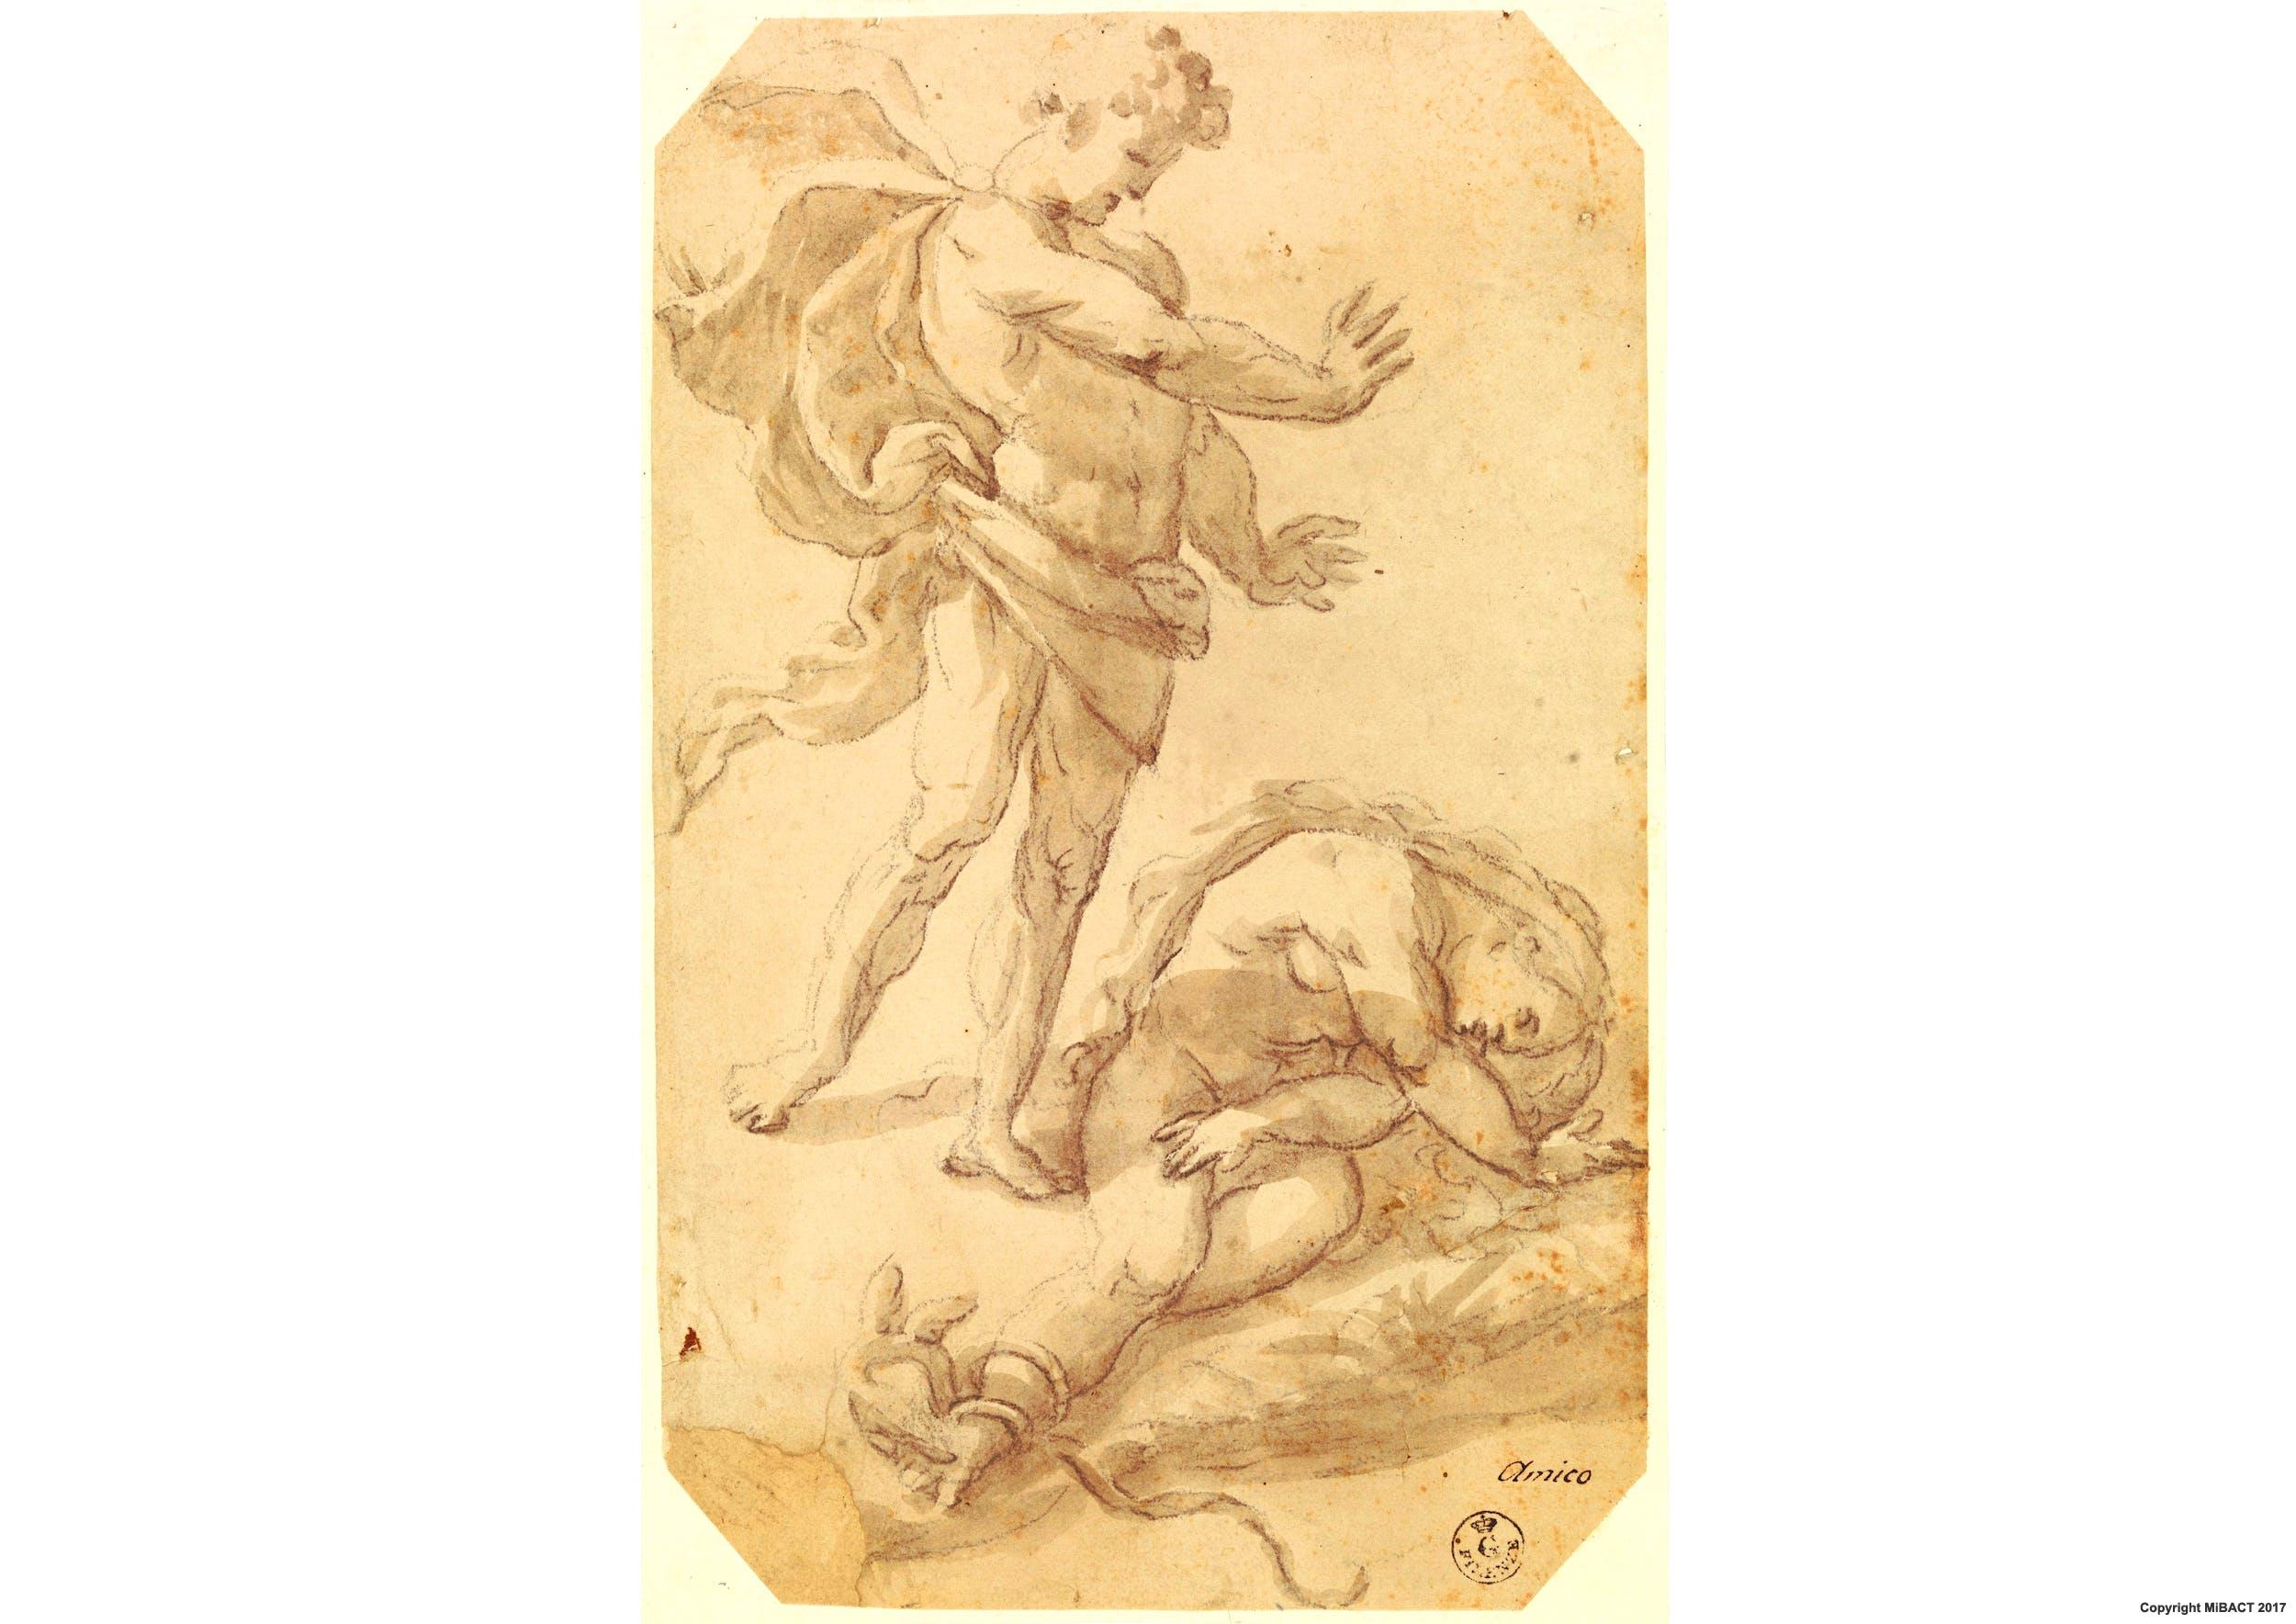 Pietra nera, pennello e inchiostro diluito, carta (268 x 167 mm.) - Inv. 14139 F